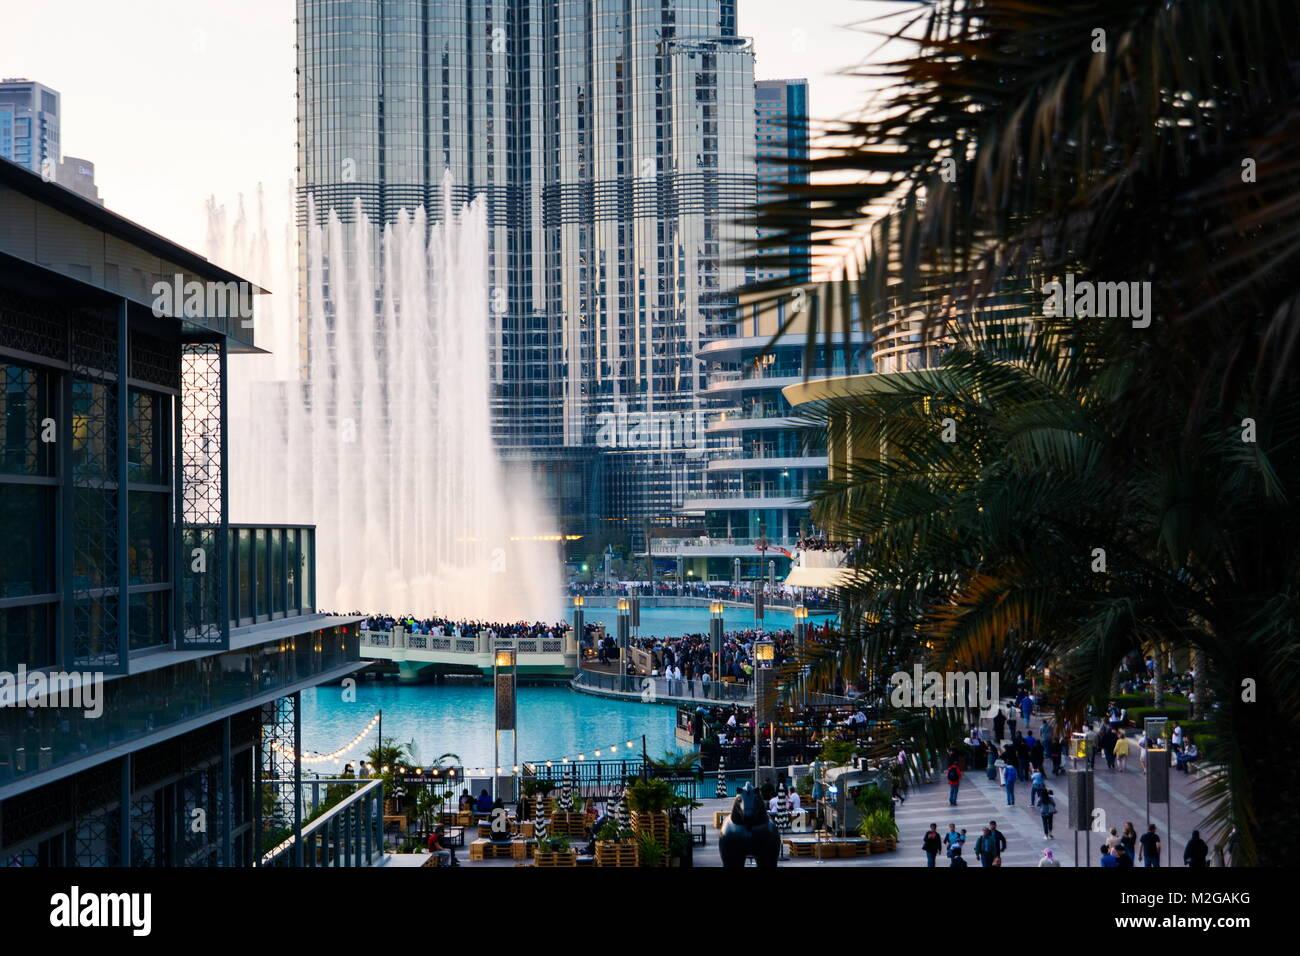 Dubaï, Émirats arabes unis - 5 février 2018: foule se rassemble autour de la fontaine de Dubaï Photo Stock